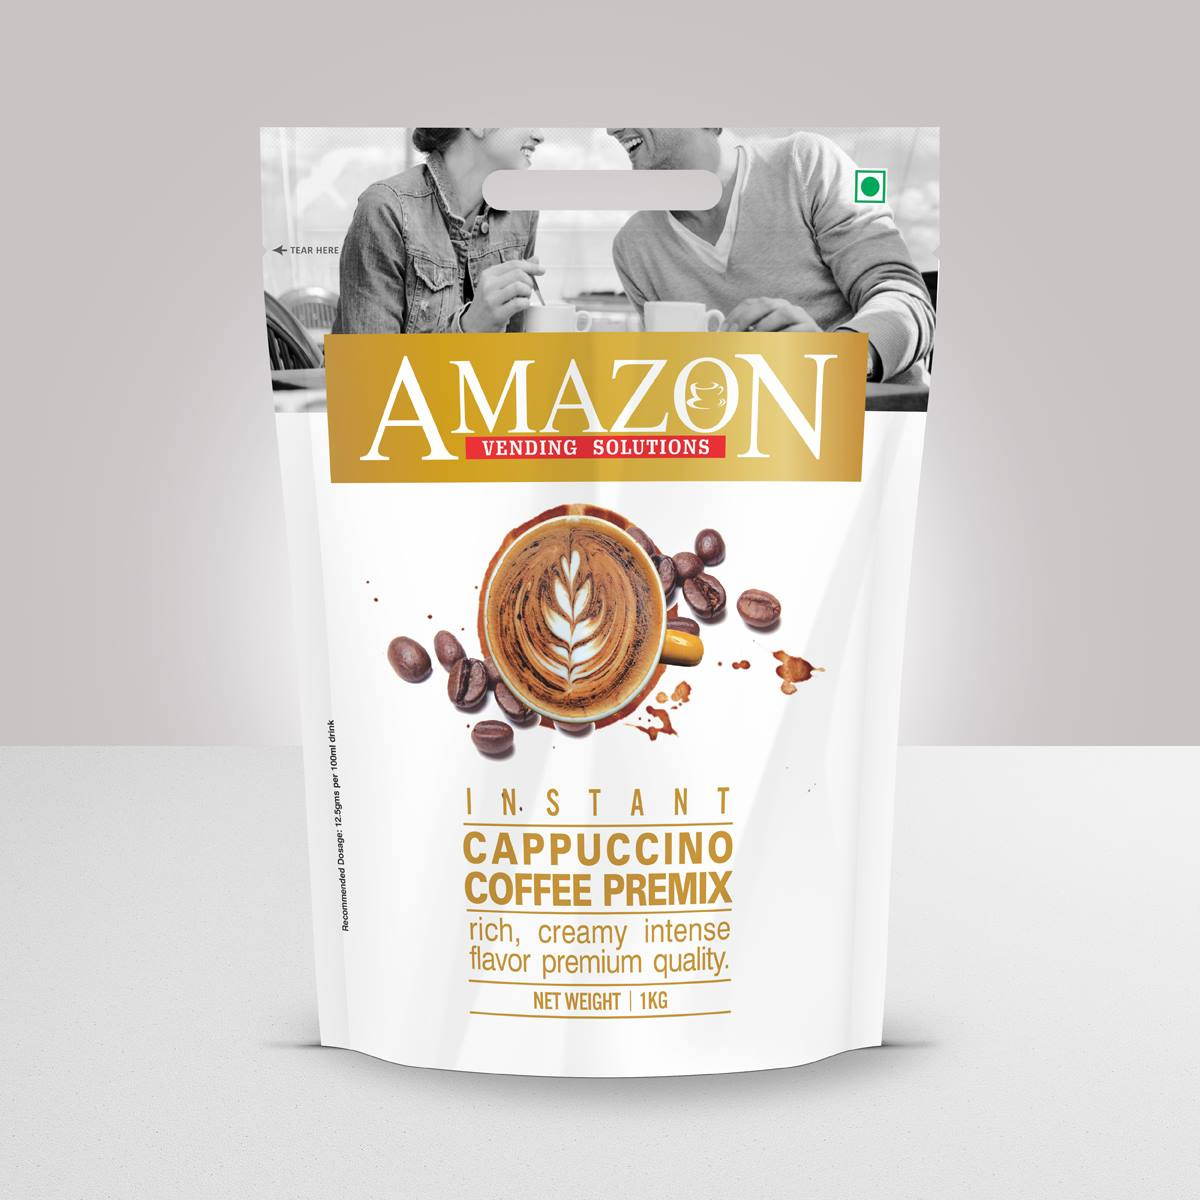 amazon_instant_cappuccino_premix-1